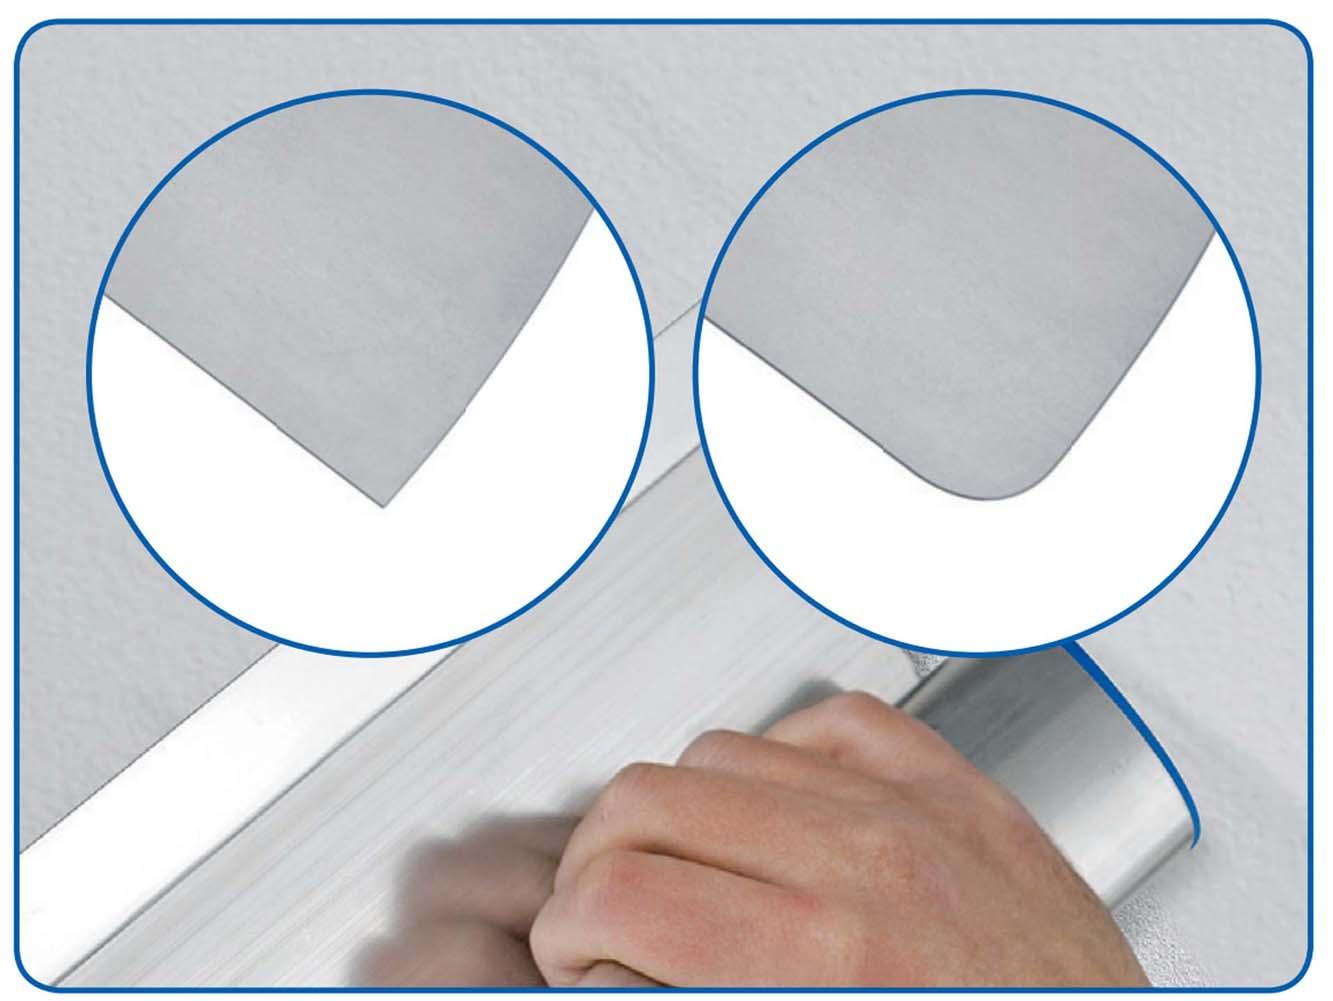 Обратите внимание на рисунок слева сменное лезвие имеет два размера с толщиной 0,5 мм с острыми краями для цементно-известковых составов с большей твердостью и более тонкое лезвие с толщиной 0,3 мм с закругленными краями для мягких - финишных шпатлёвок (шпаклёво